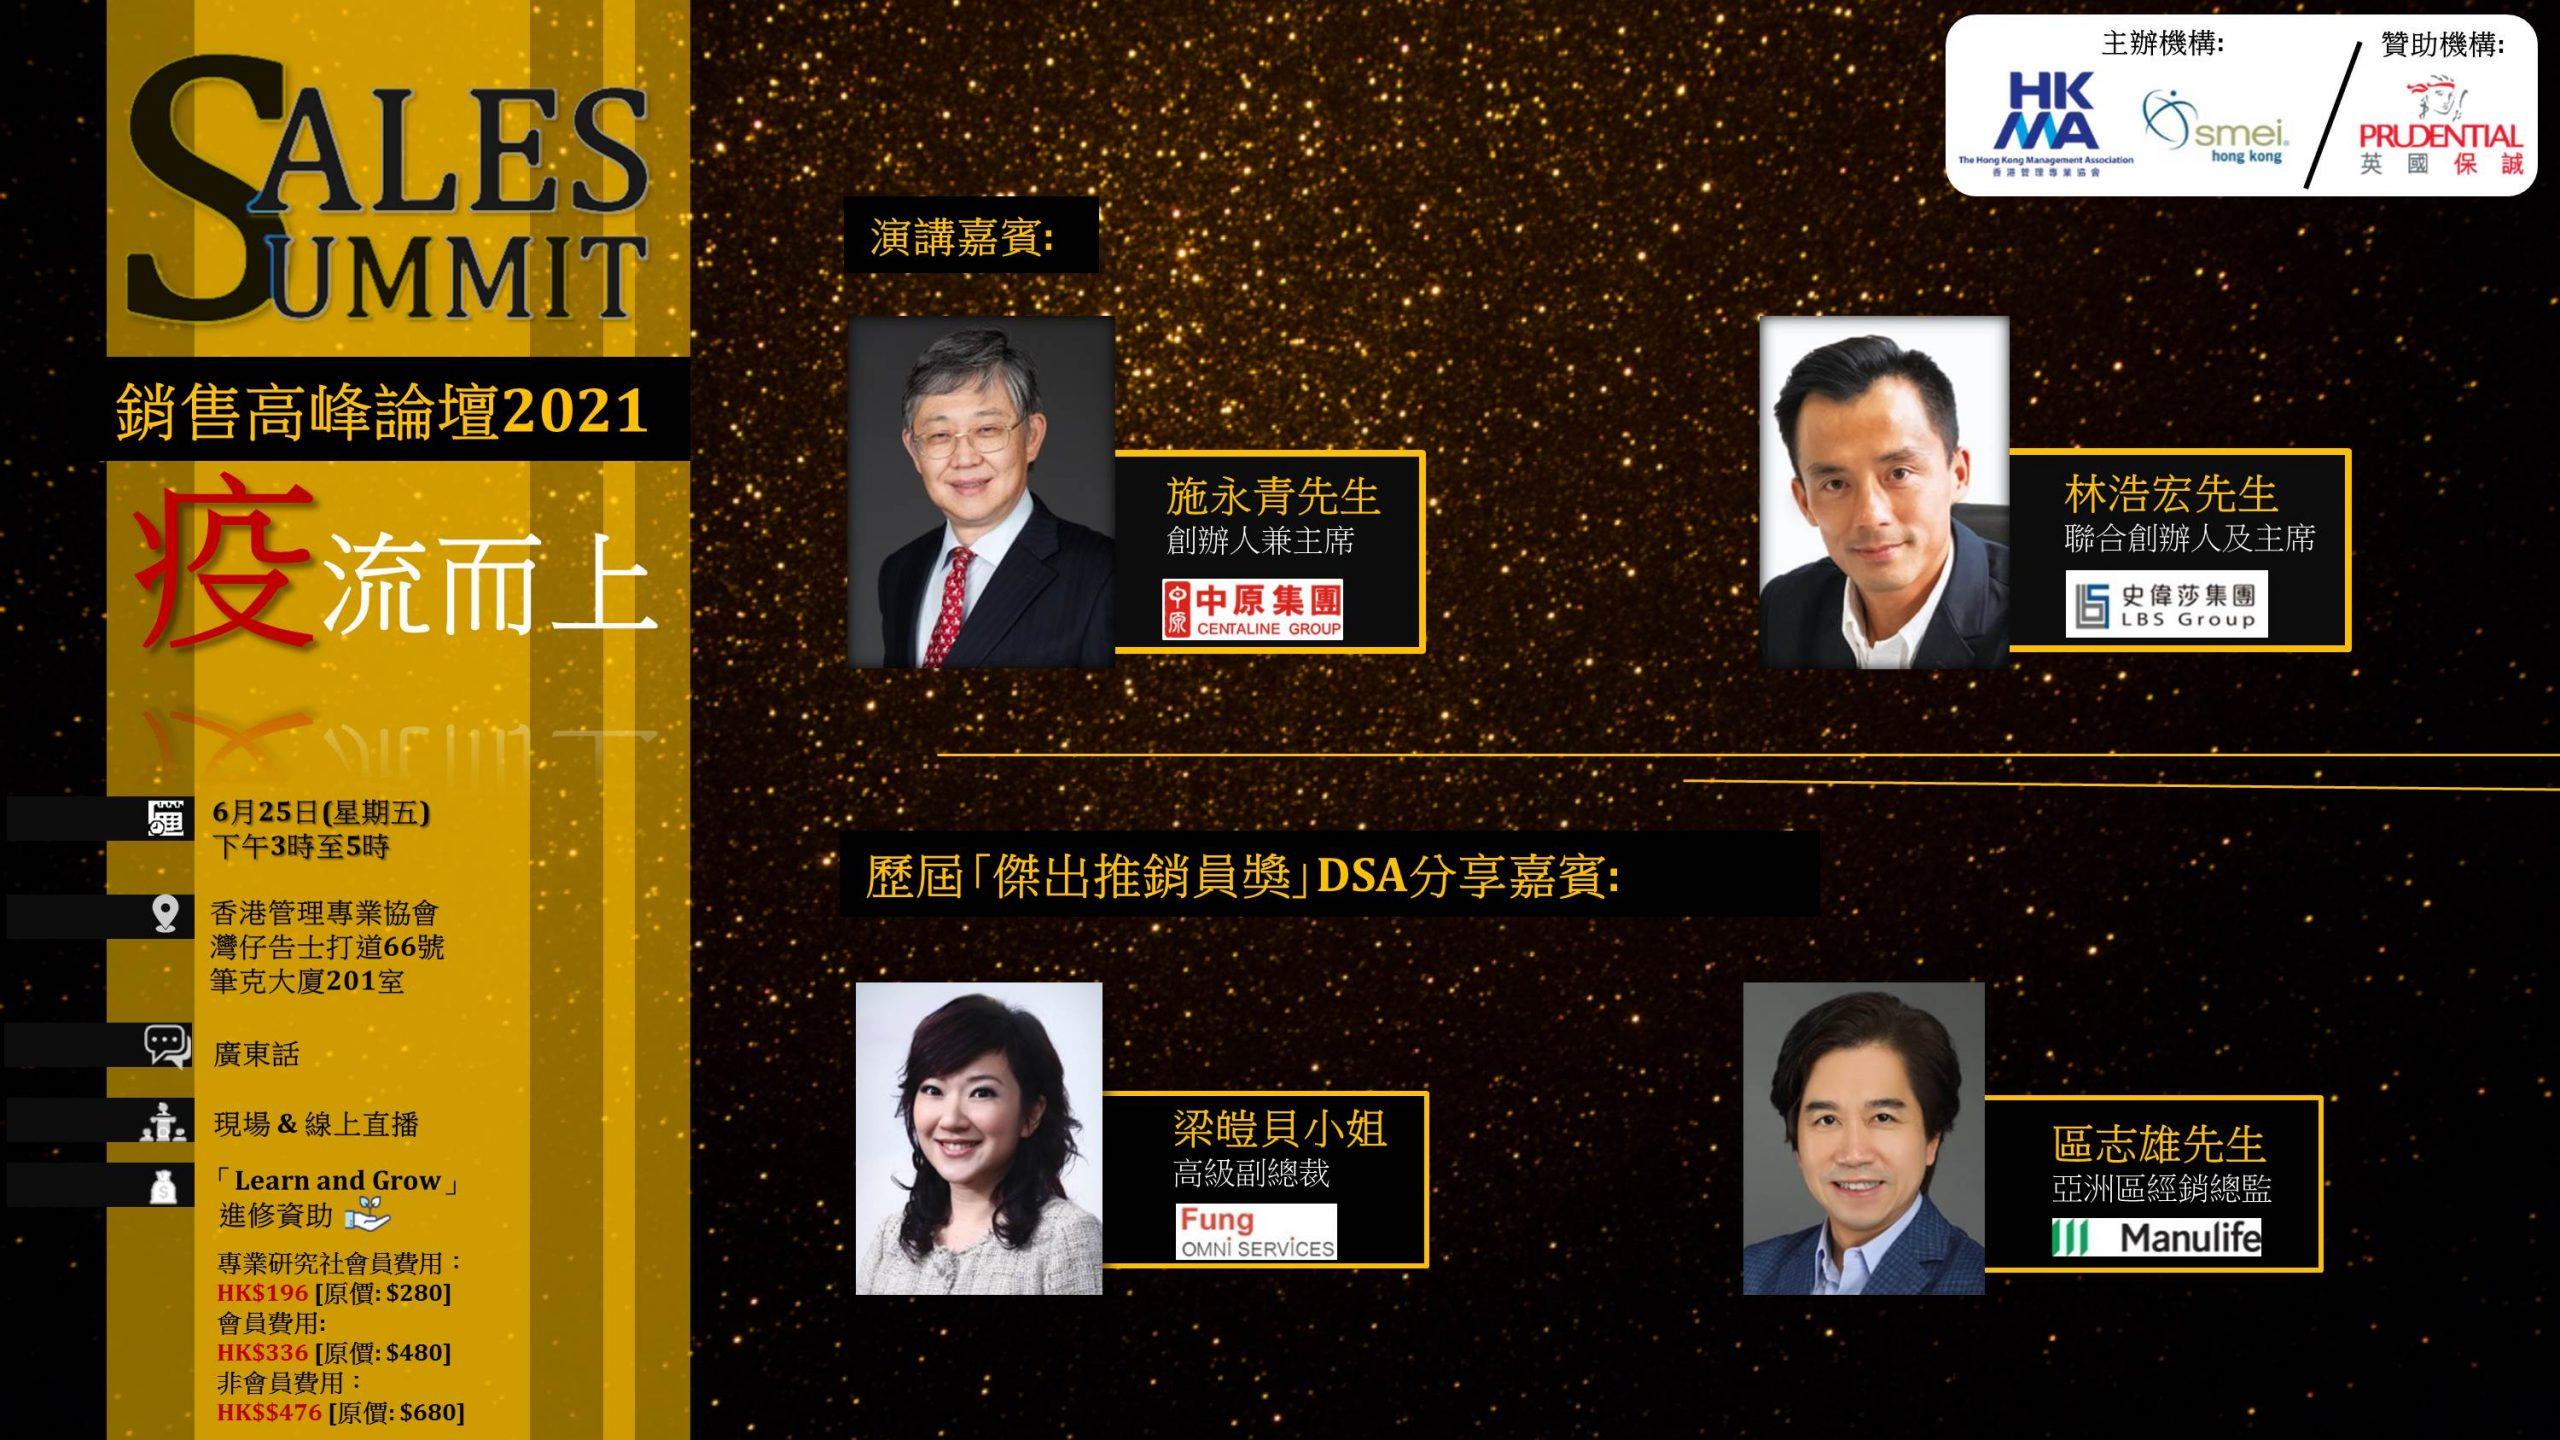 Sales & Marketing Club - Sales Summit 2021